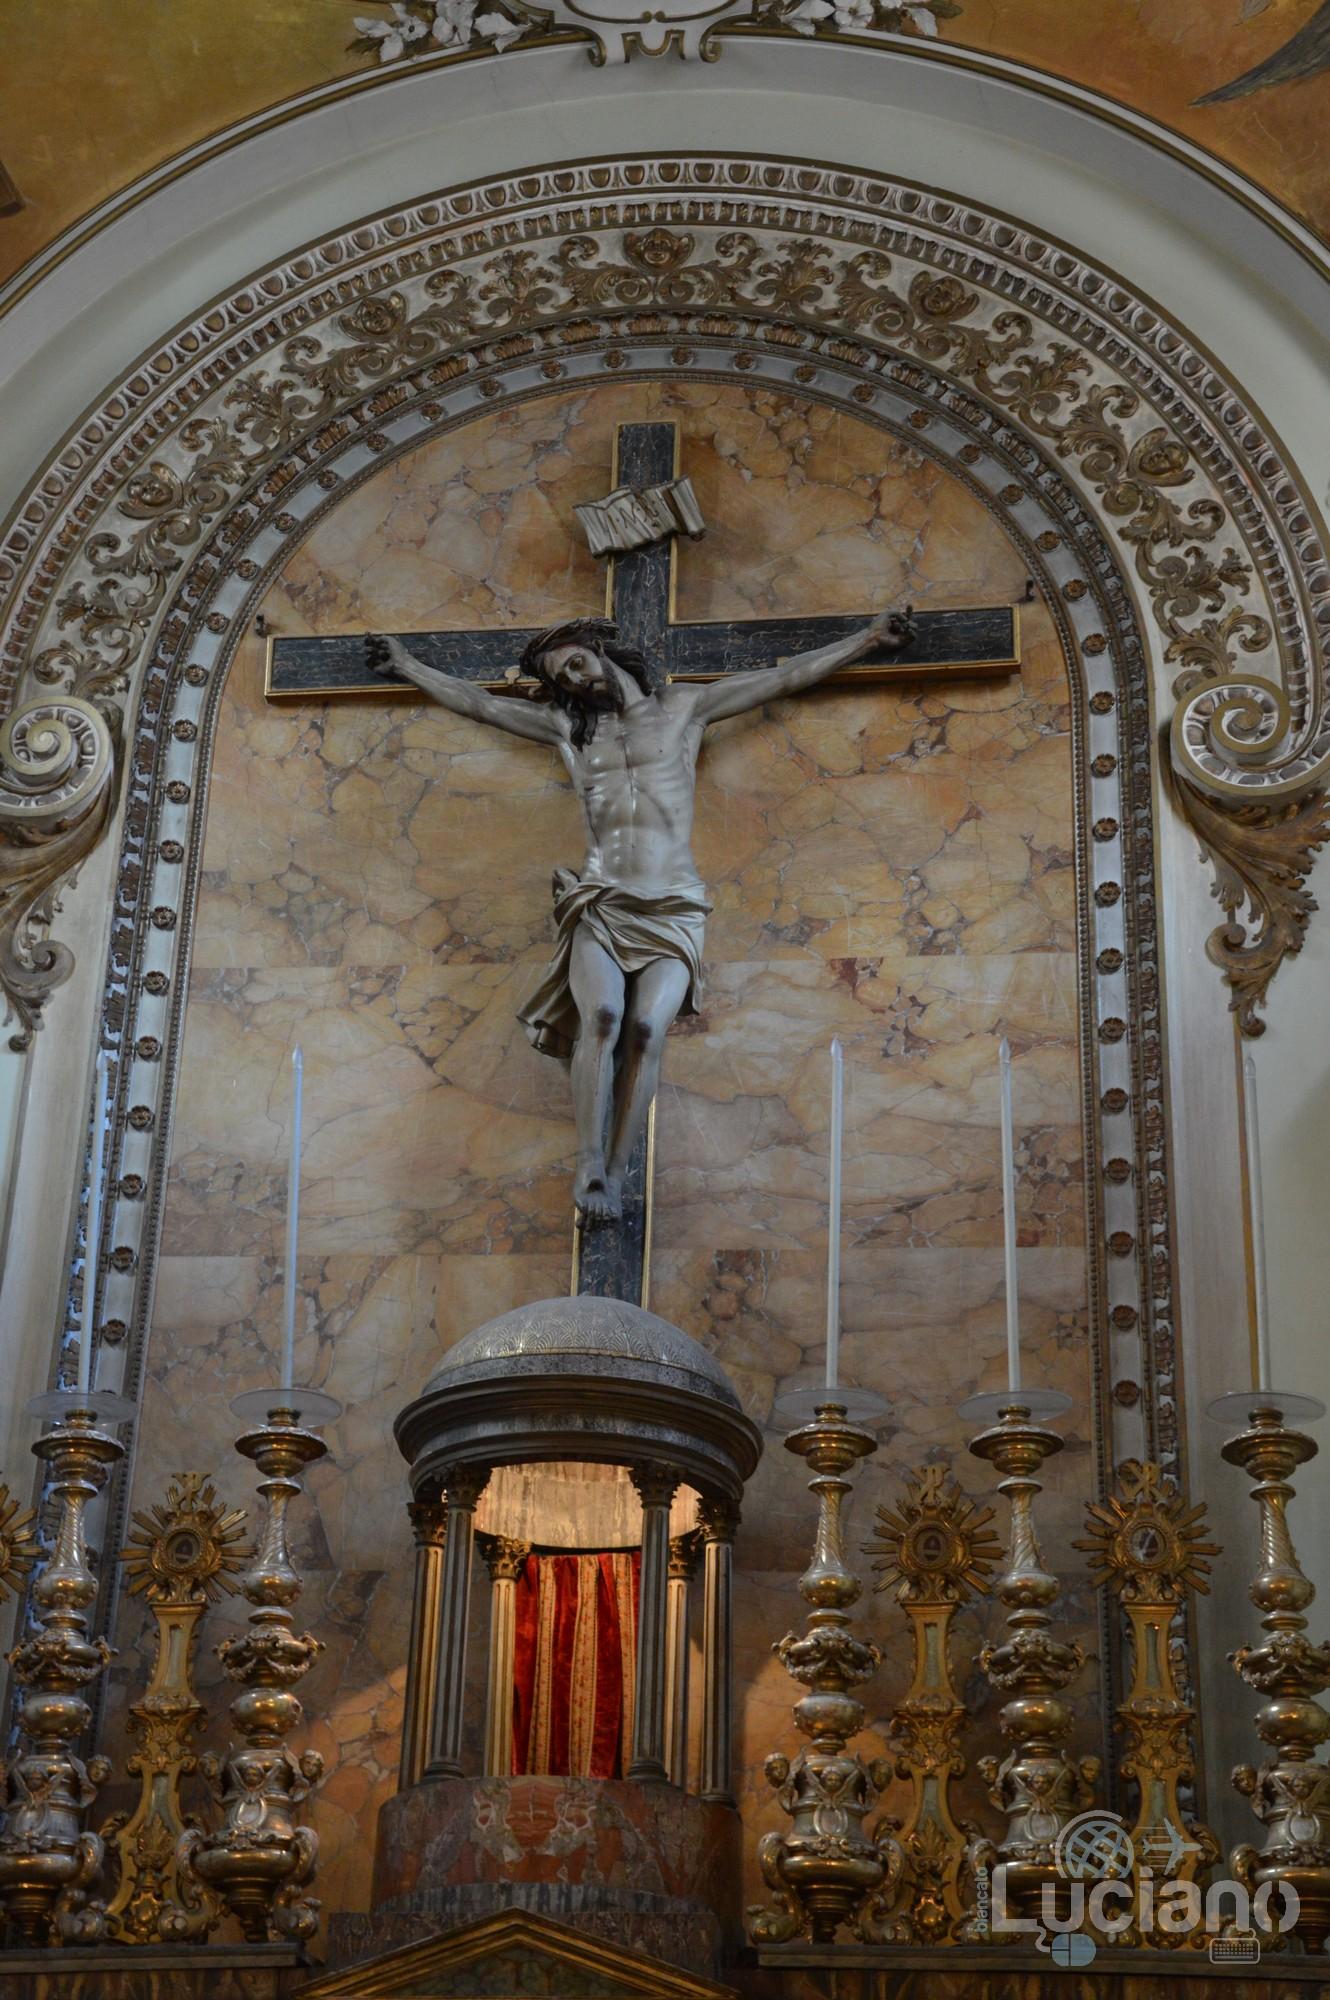 Crocifisso nella Chiesa di San Martino ai Bianchi, durante i festeggiamenti per Sant'Agata 2019 - Catania (CT)